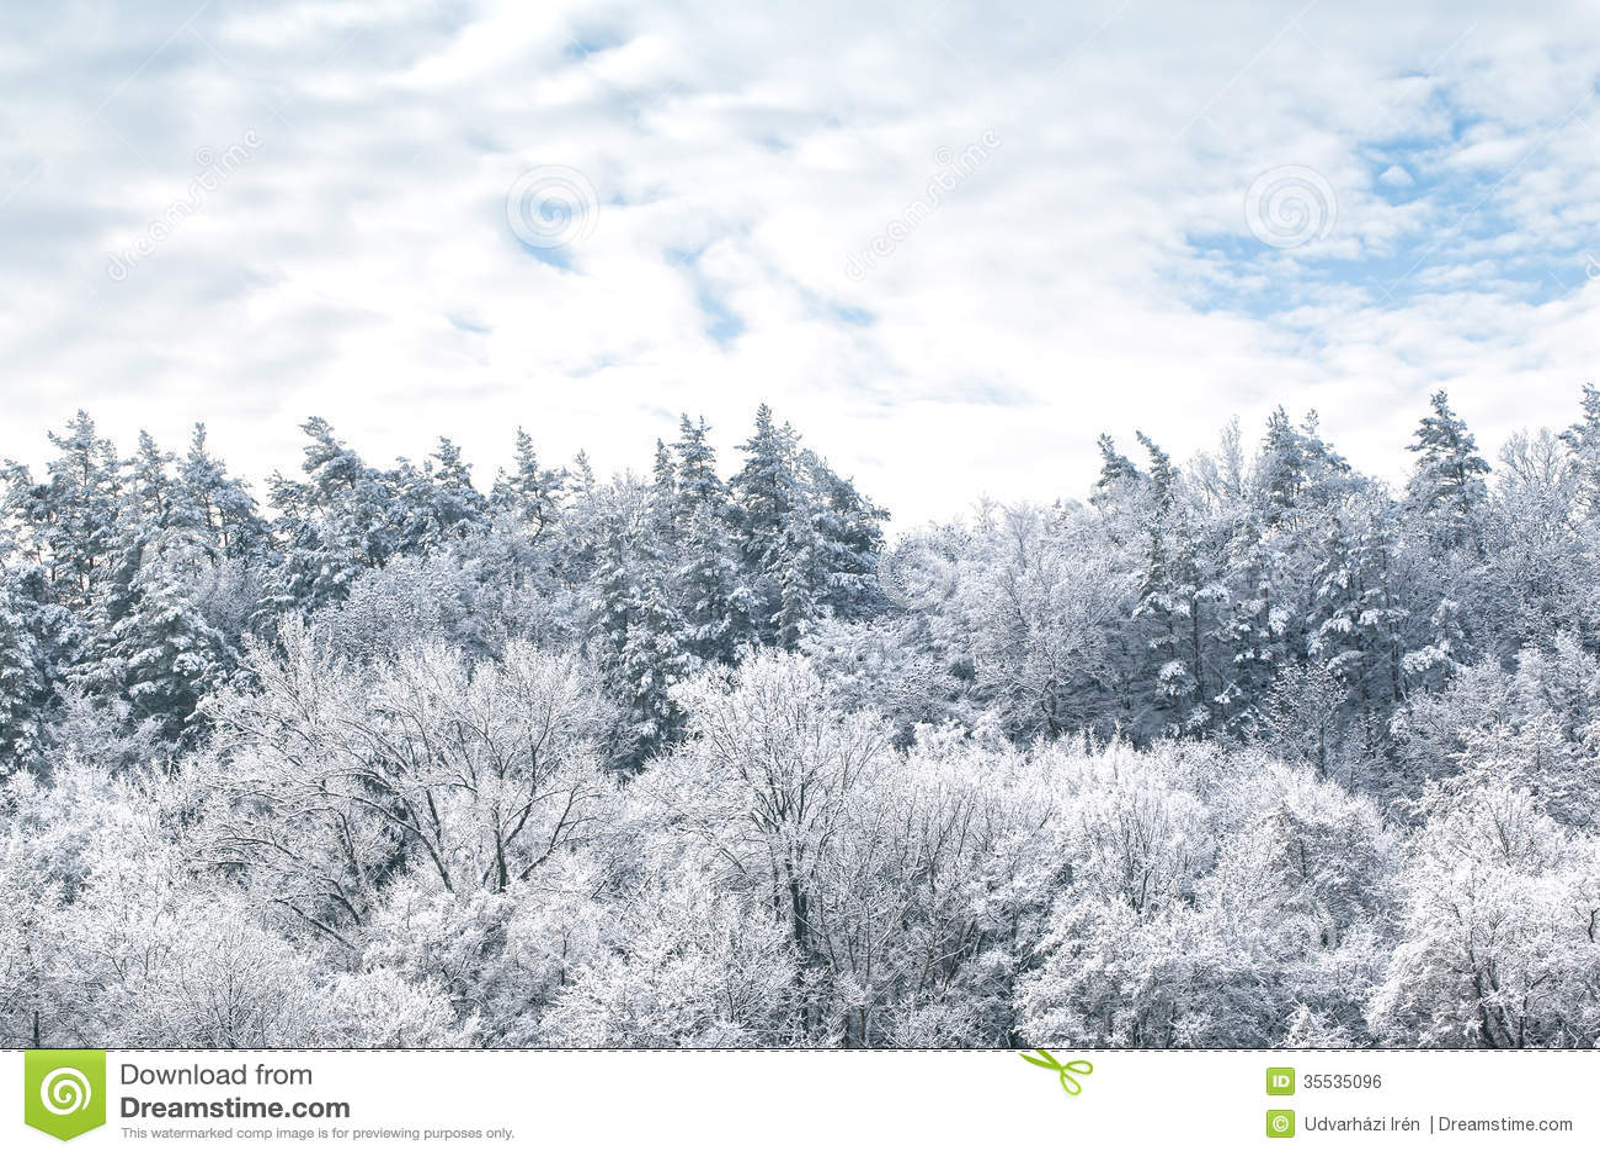 landscape sky clouds snow - photo #46